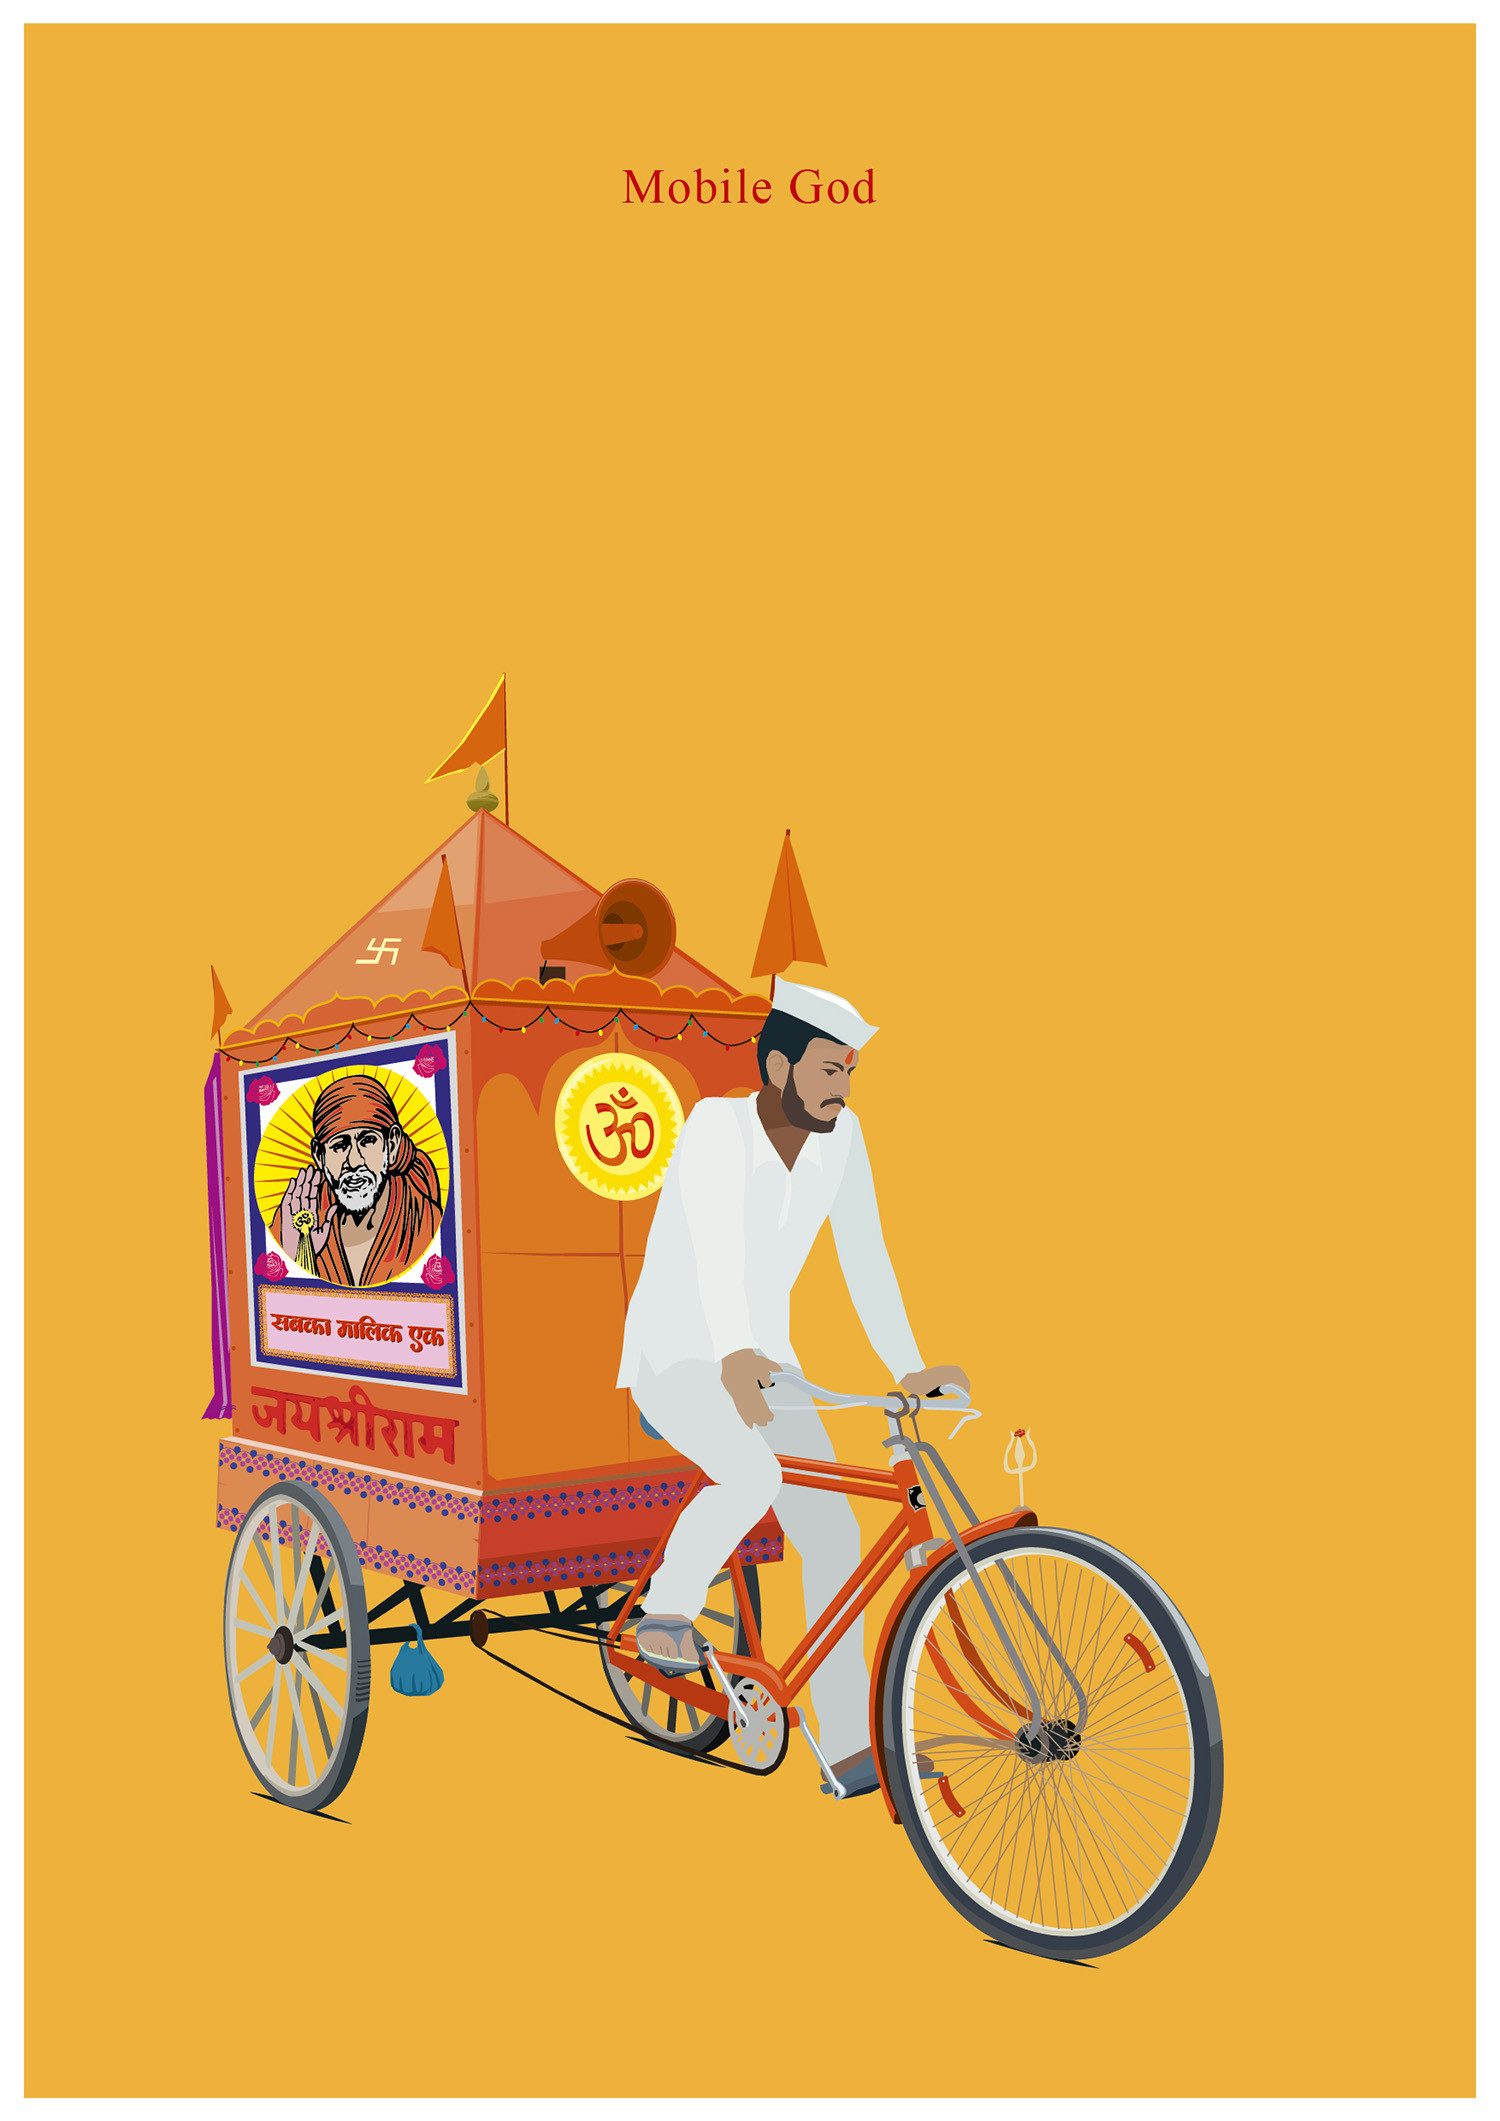 Rajesh sawant mobile god 01